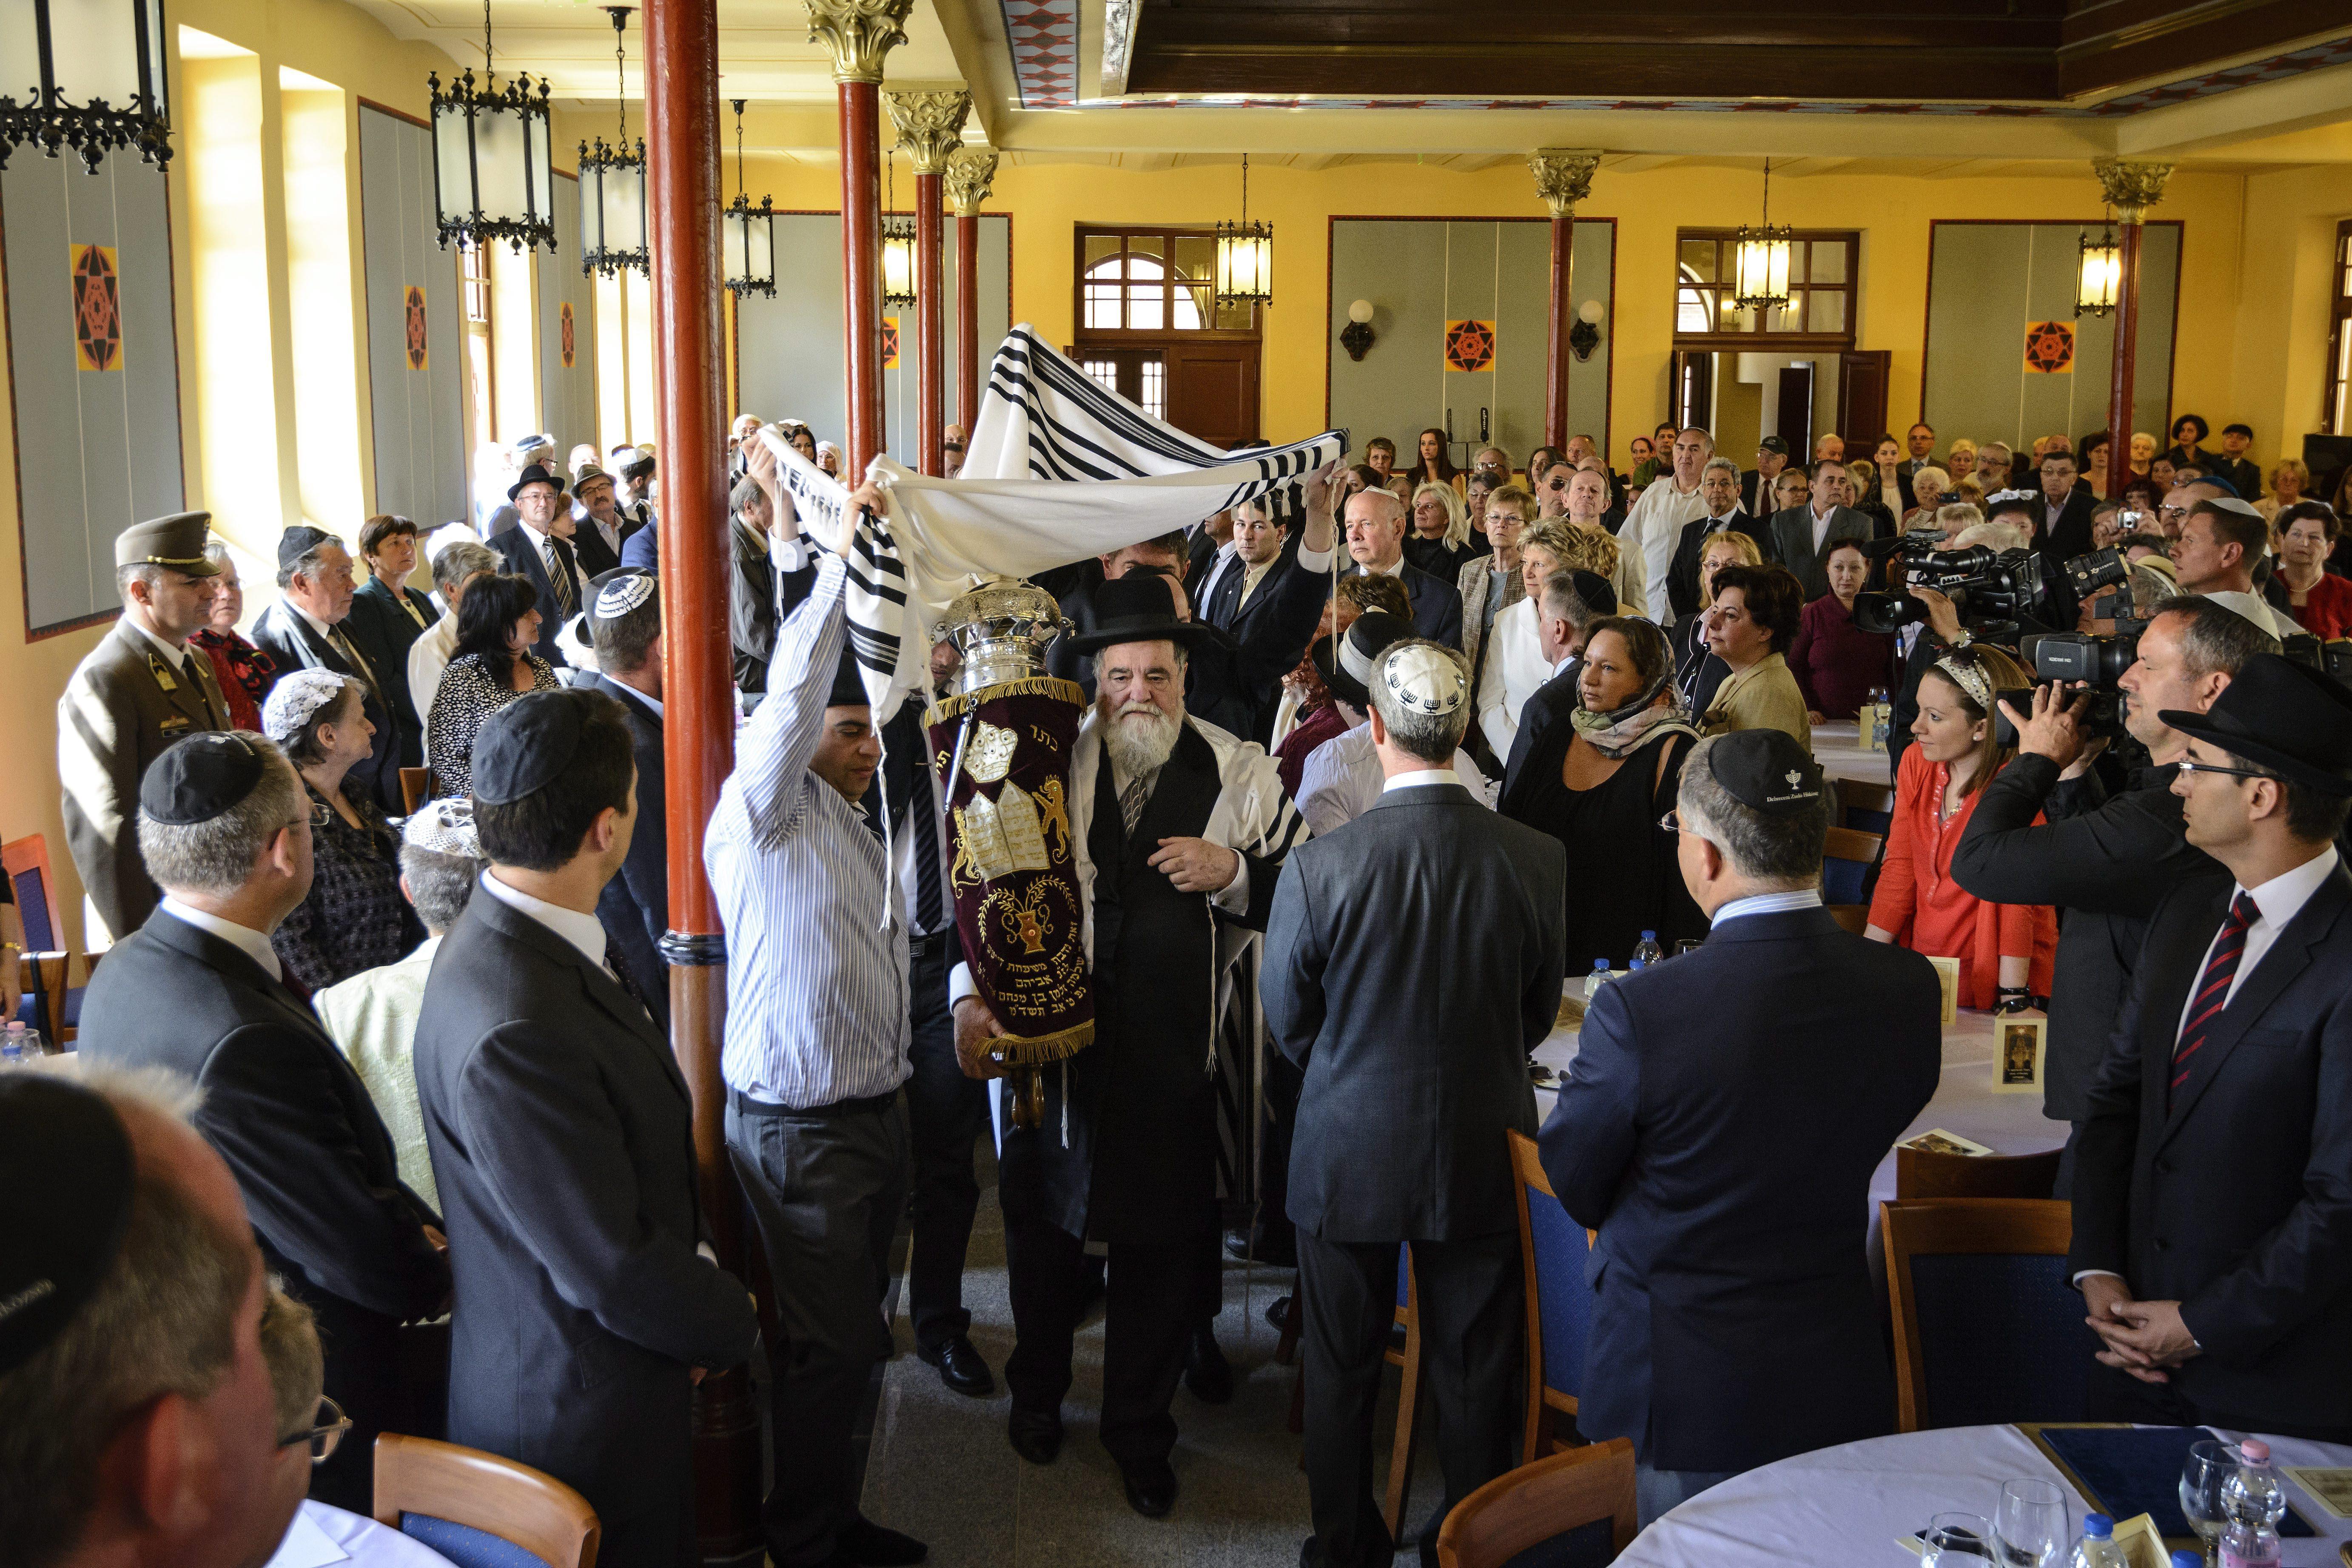 oldal zsidó találkozó